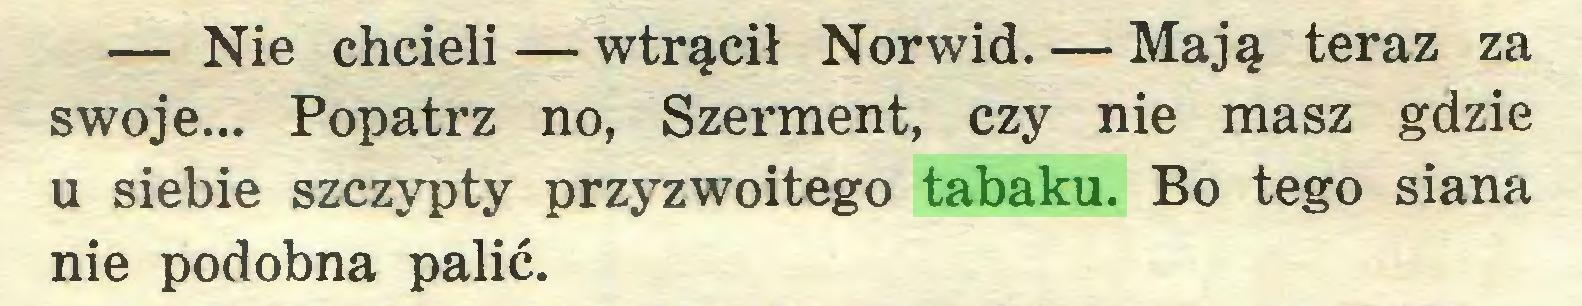 (...) — Nie chcieli — wtrącił Norwid. — Mają teraz za swoje... Popatrz no, Szerment, czy nie masz gdzie u siebie szczypty przyzwoitego tabaku. Bo tego siana nie podobna palić...